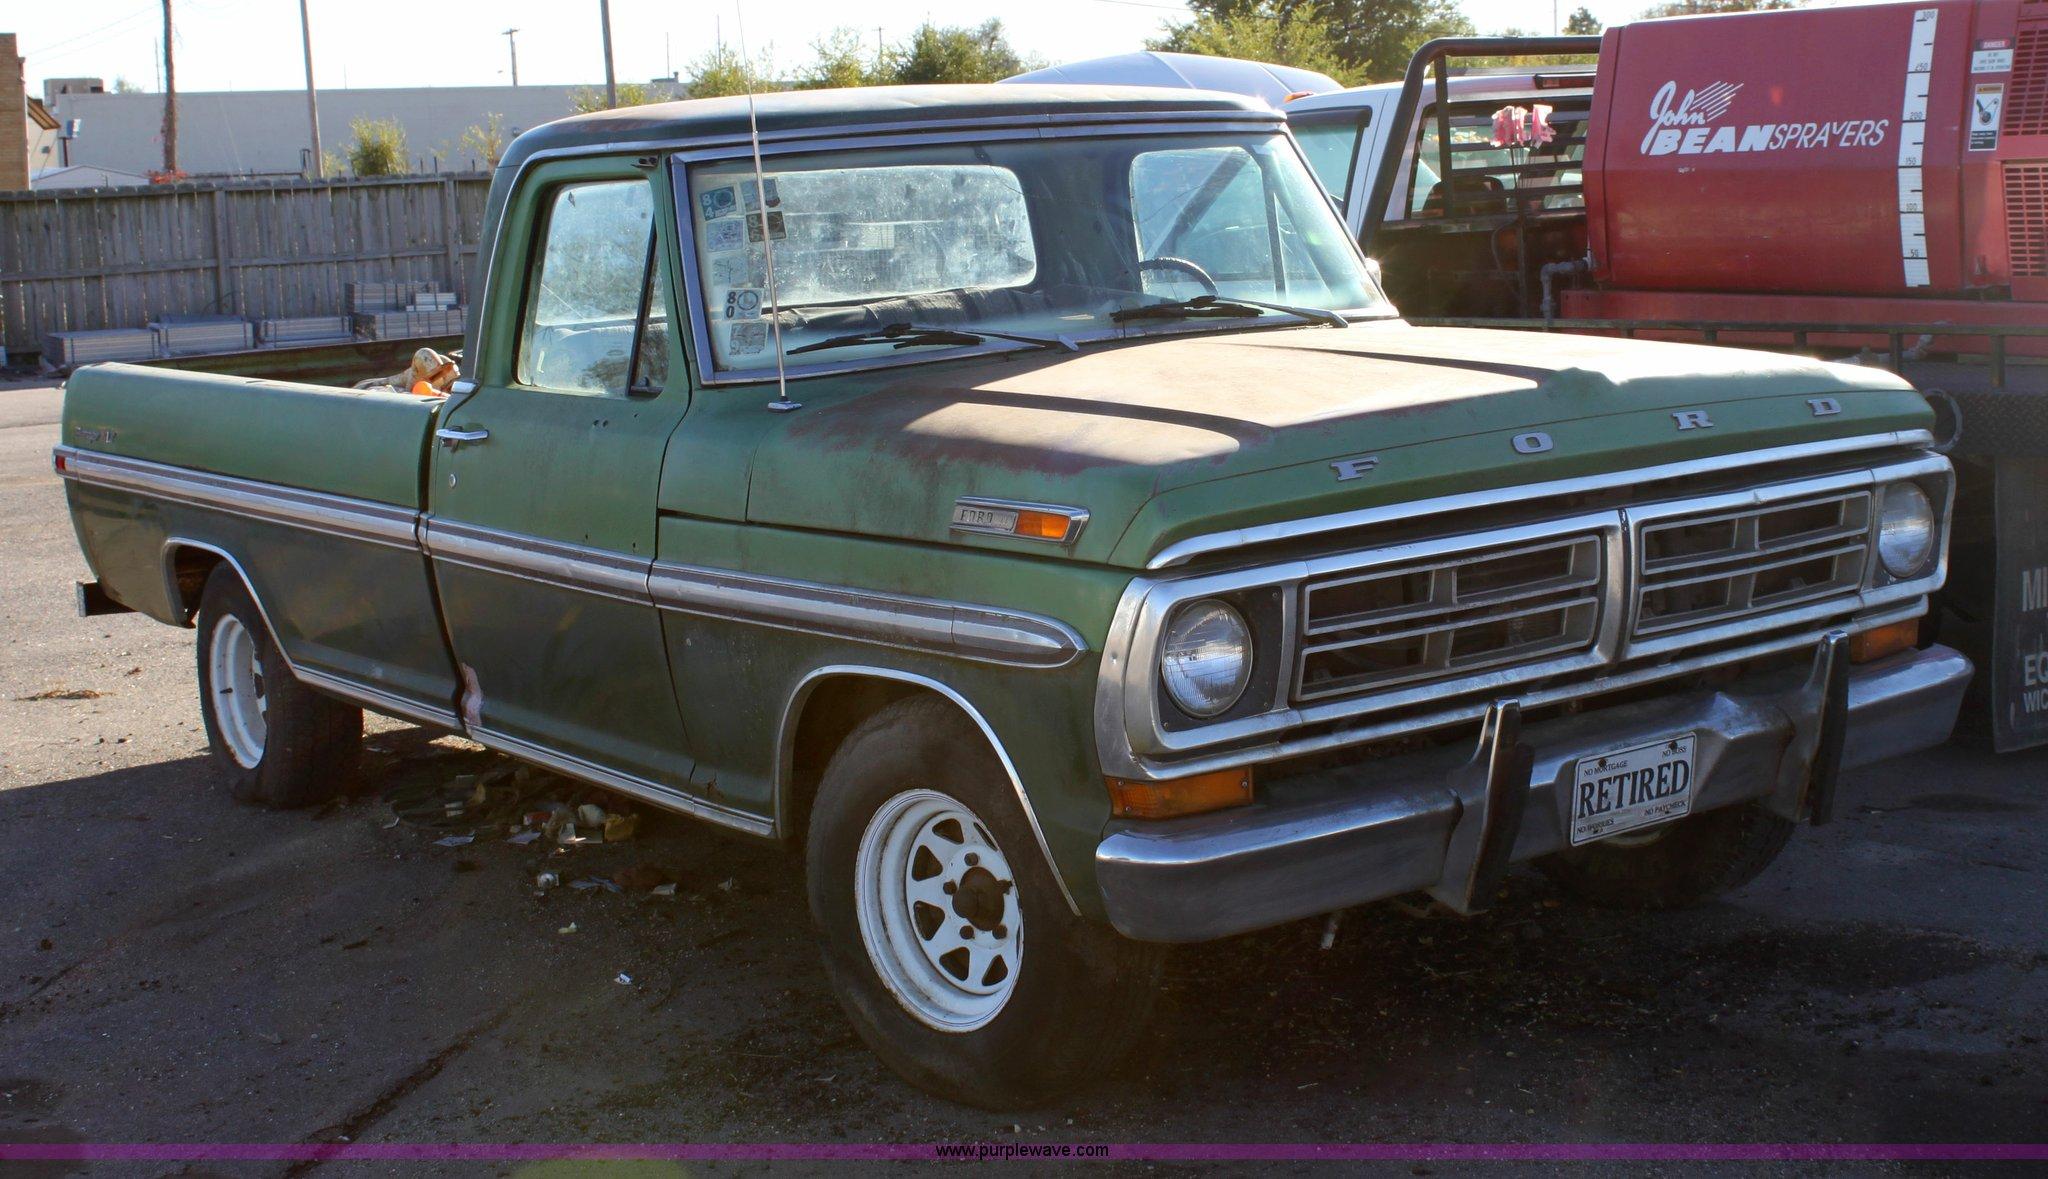 1972 ford ranger xlt pickup truck item 6260 sold. Black Bedroom Furniture Sets. Home Design Ideas